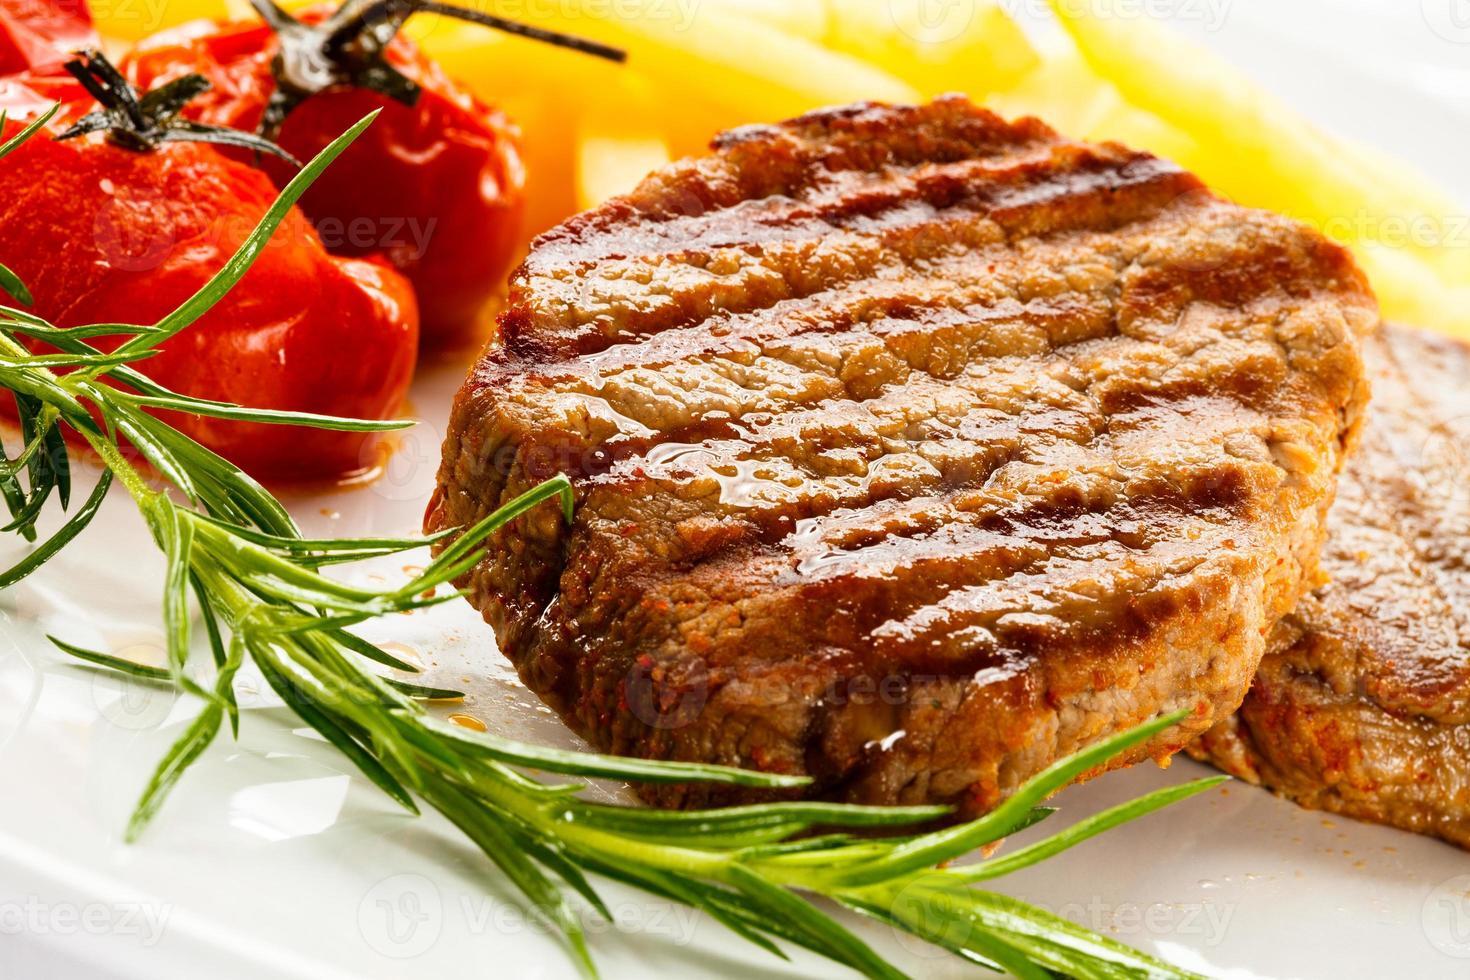 bistecca alla griglia, patatine fritte e verdure foto